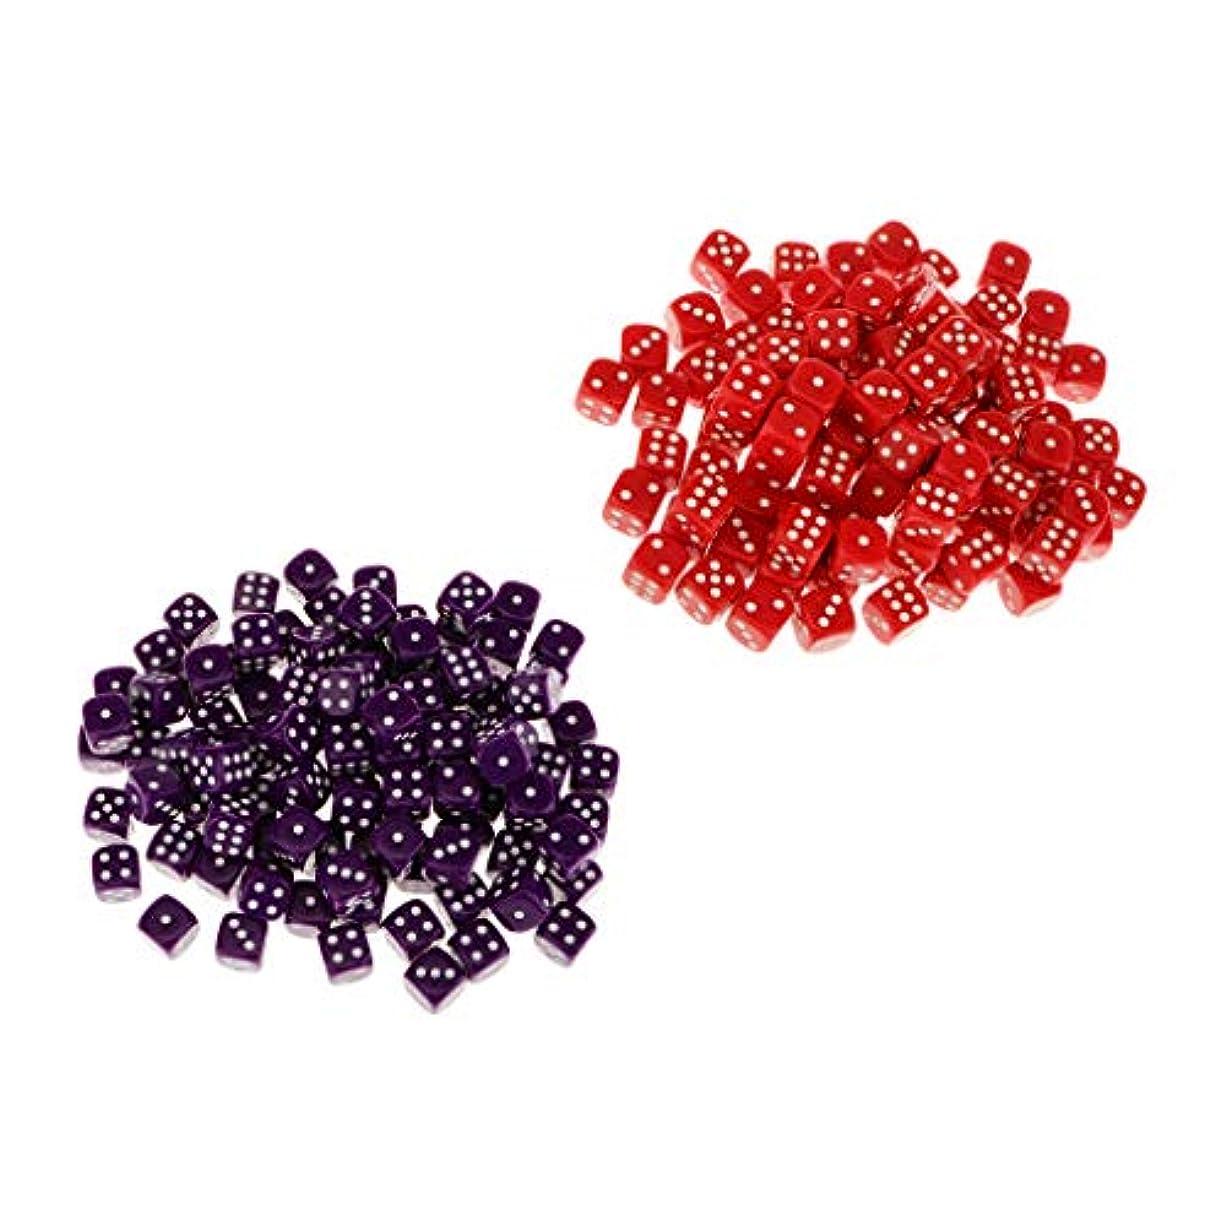 あなたは動く無効にする約100個 六面サイコロ  D6ダイス 12mm 紫 赤